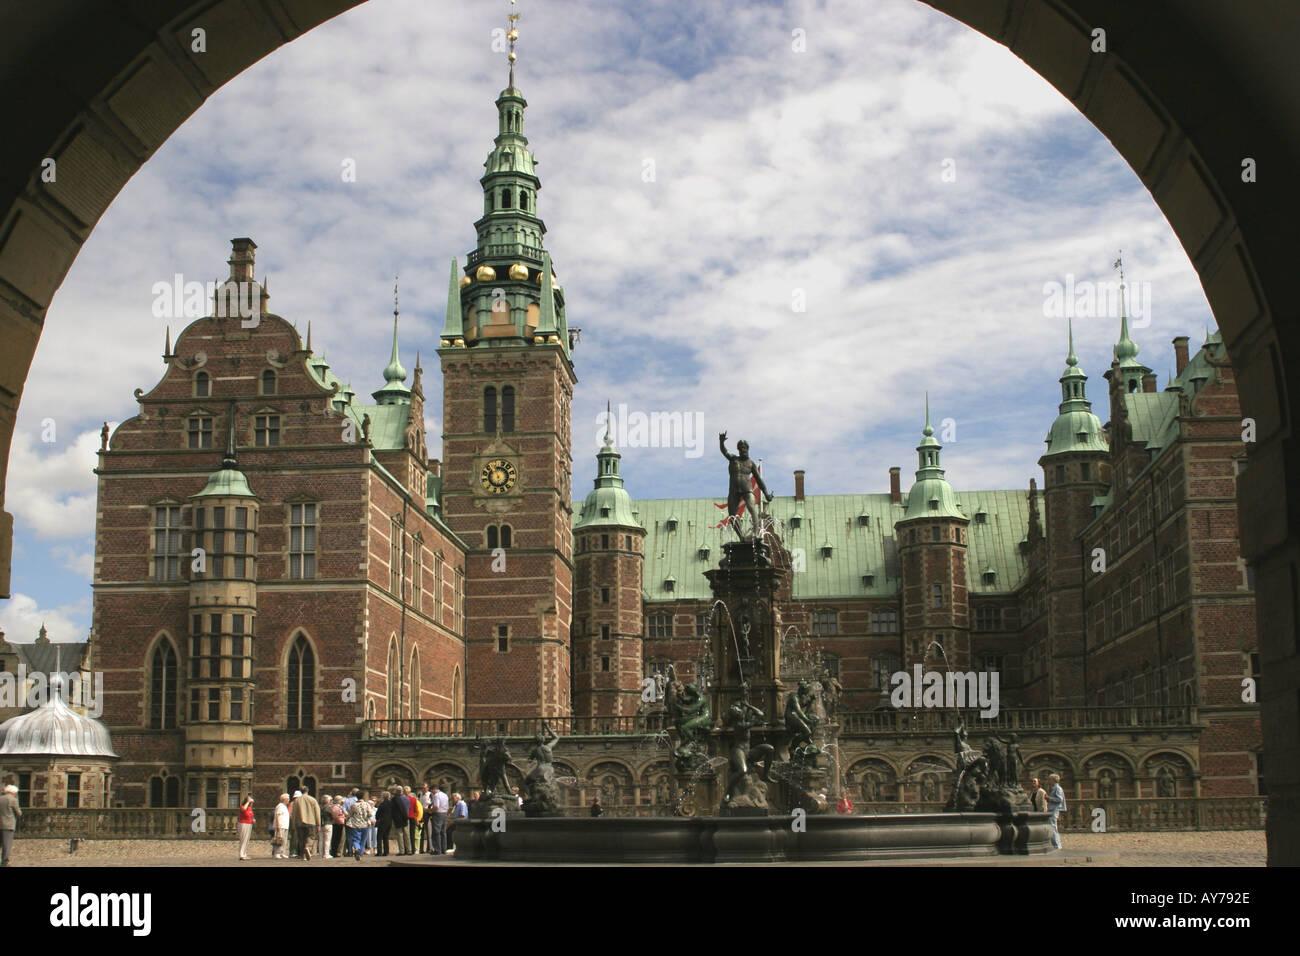 Denmark Fredriksborg palace - Stock Image